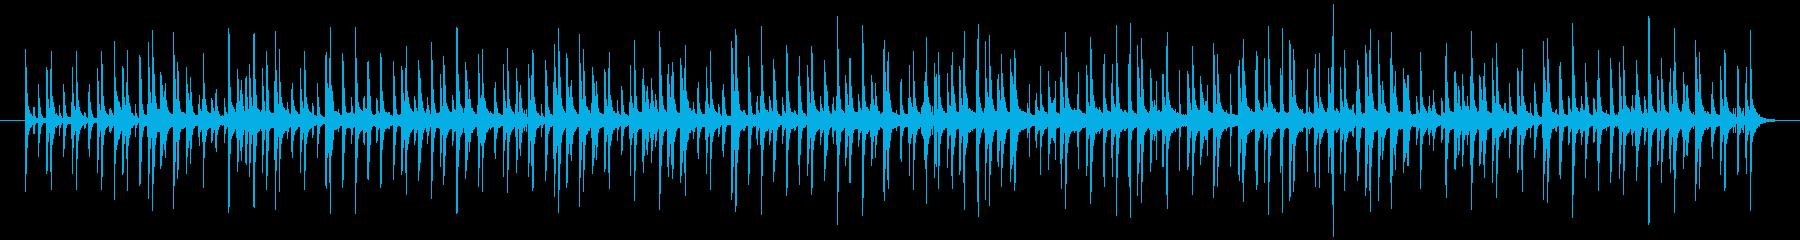 ハンドクラップやドラムが効いたポップな曲の再生済みの波形